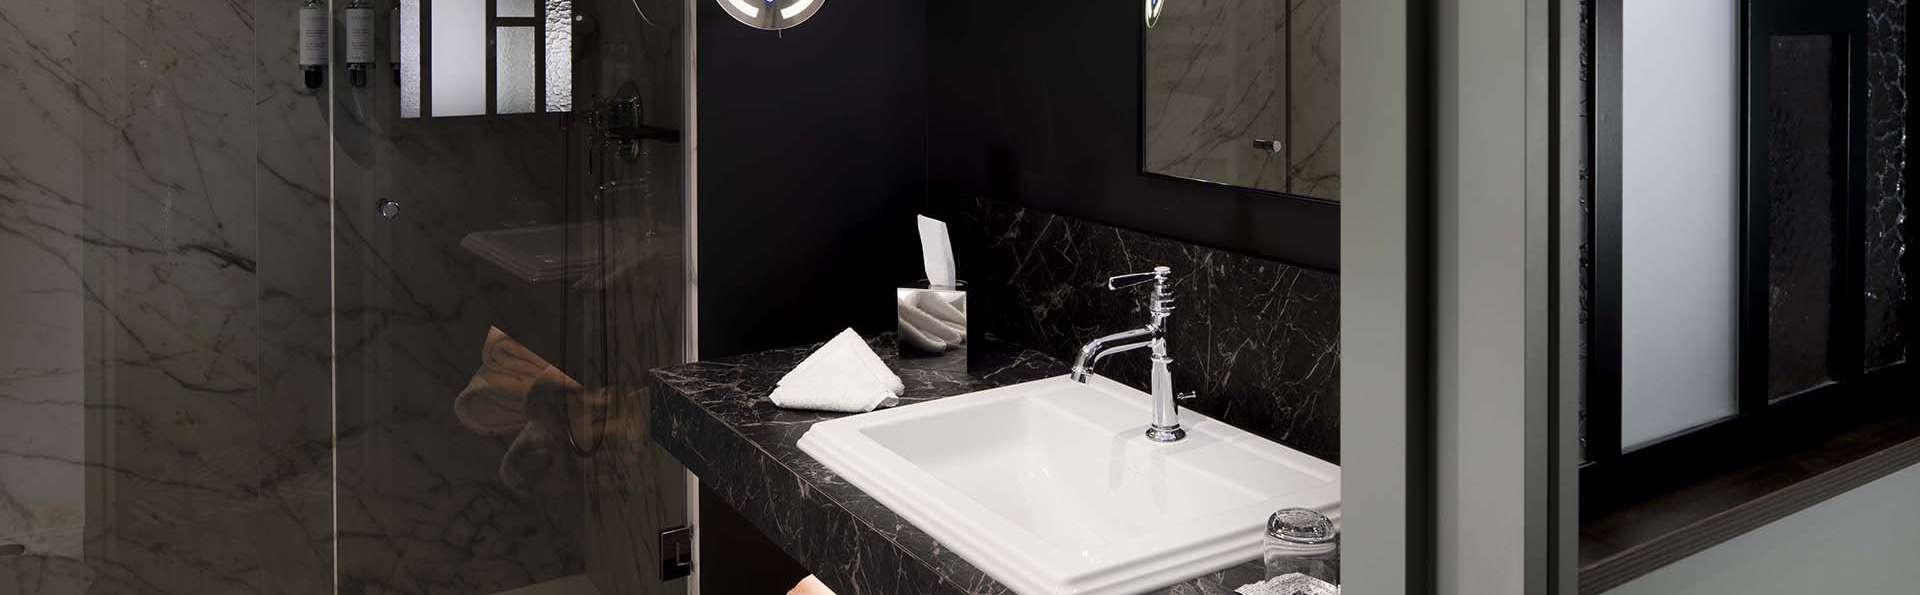 Maison Rouge Strasbourg Hotel & Spa, Autograph Collection  - EDIT_BATH_SUPERIEUR_ET_DELUXE.jpg